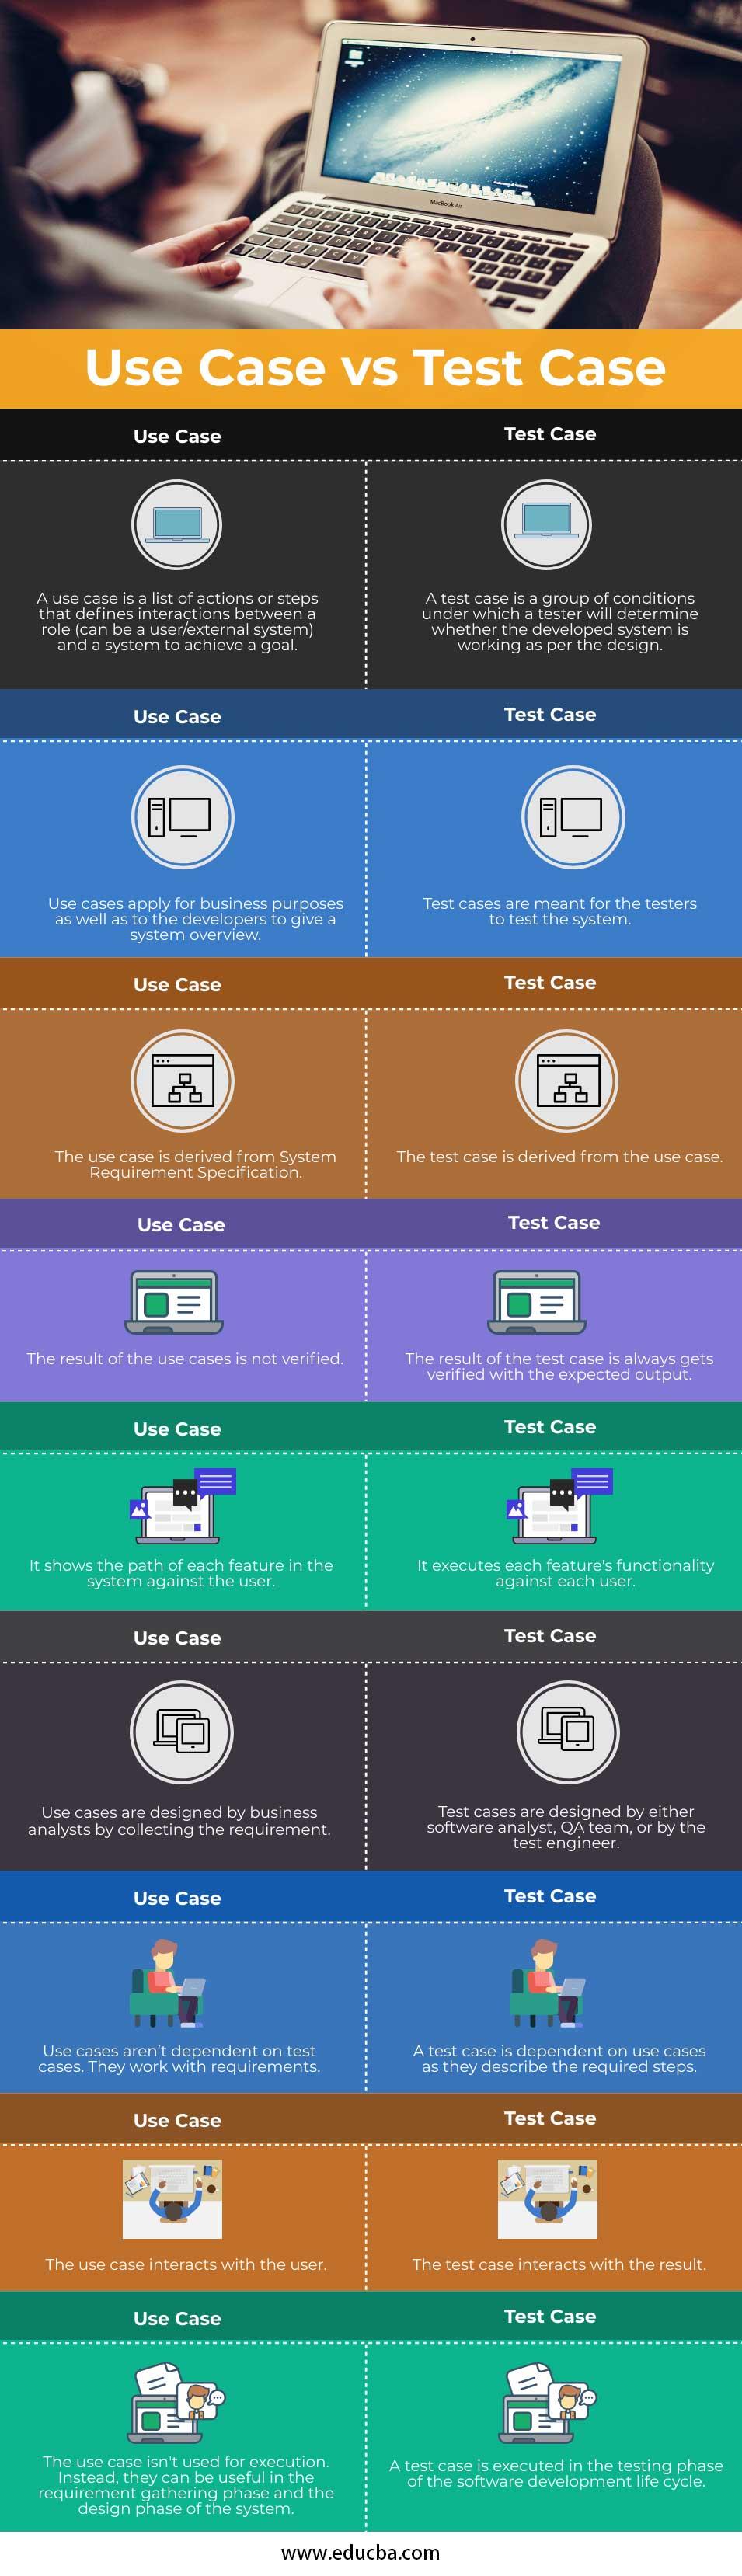 Use Case vs Test Case info